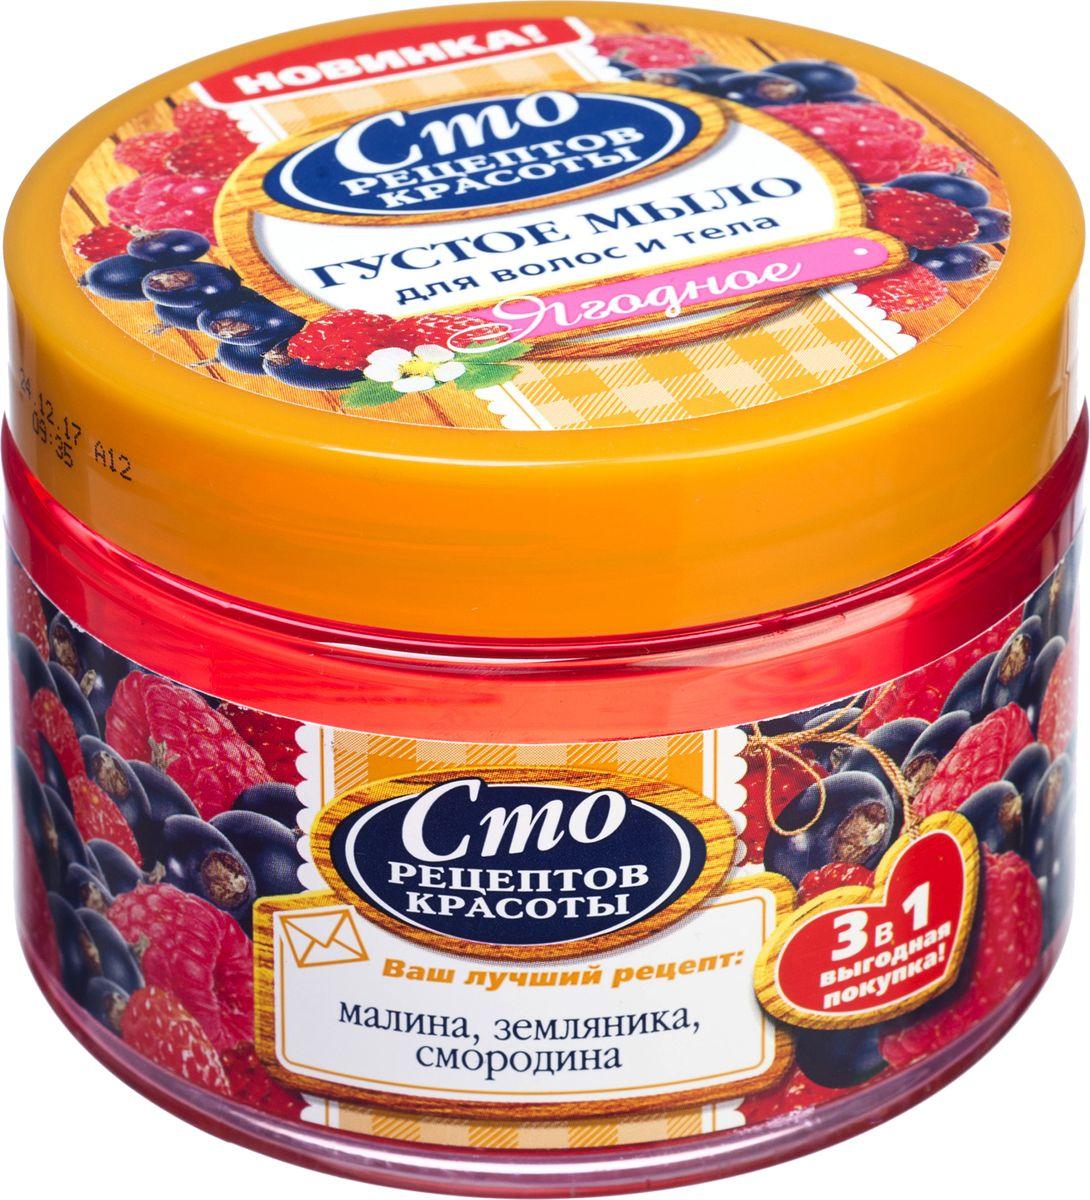 Сто рецептов красоты Густое мыло Ягодное 400 мл1102584002Существует множество домашних рецептов мыловарения, которые использовалиженщины, обогащая мыло полезными маслами, ягодами и травами. Ваши лучшиерецепты домашнего мыловарения мы воплотили в густом мыле Ягодное, котороеявляется универсальным средством по уходу за волосами, кожей рук и тела.Онобережно ухаживает за Вашими волосами, идеально очищает кожу и при этомне сушит ее. Густое мыло Сто рецептов красоты с малиной, земляникой и смородиной - это выгодная покупка универсального средства для очищения!